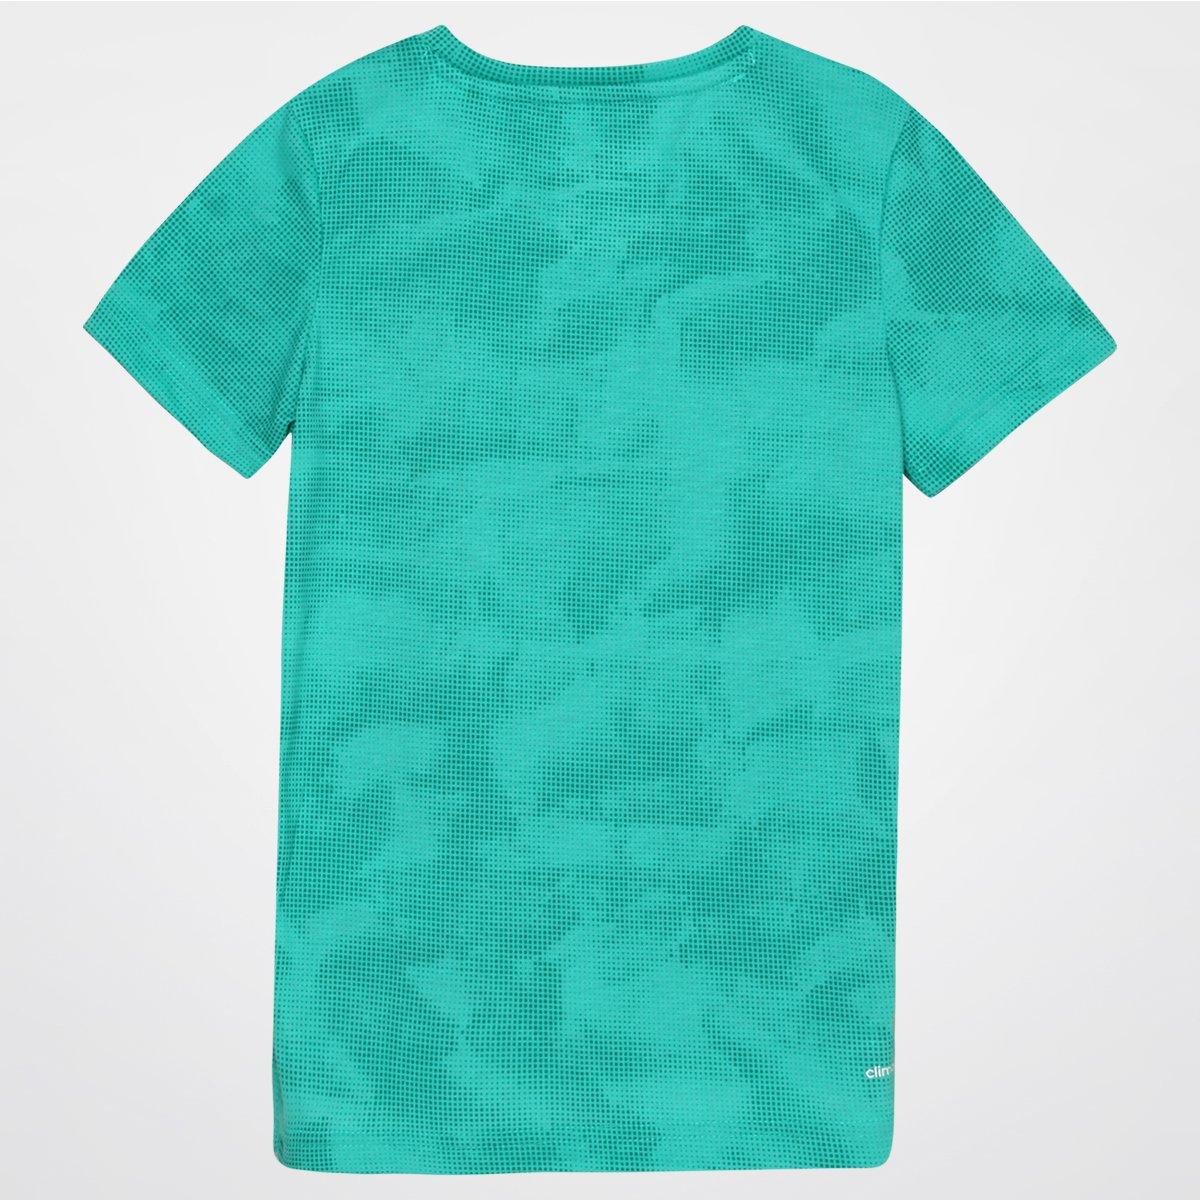 cf74b9b030 Camiseta Adidas Yg Ess Aop Infantil - Compre Agora